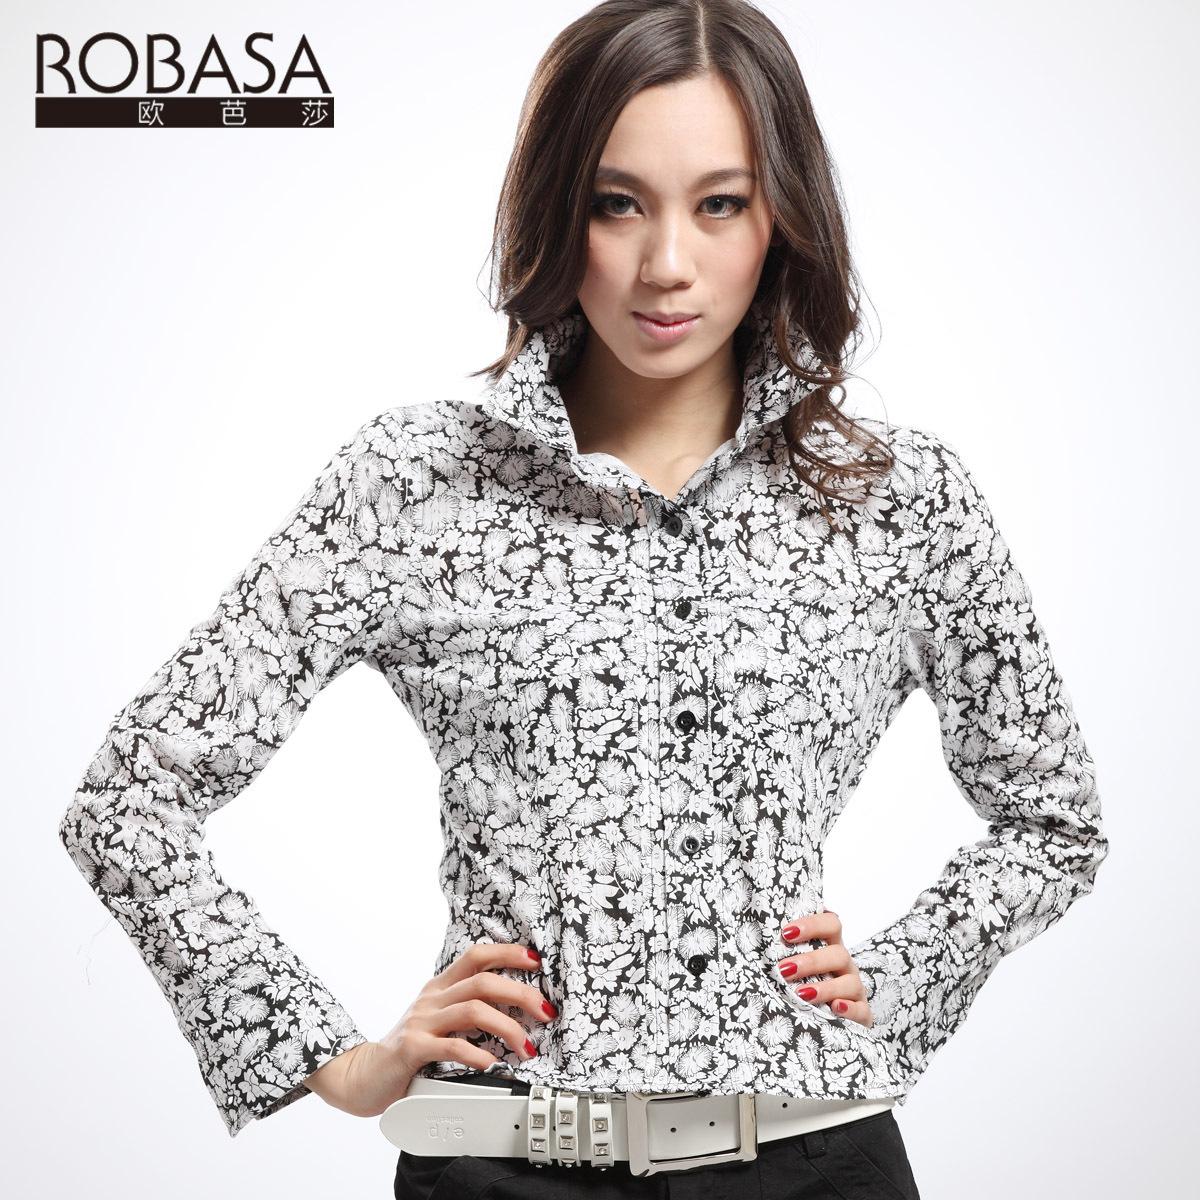 женская рубашка Robasa r301113 2013 Городской стиль Длинный рукав Рисунок в цветочек